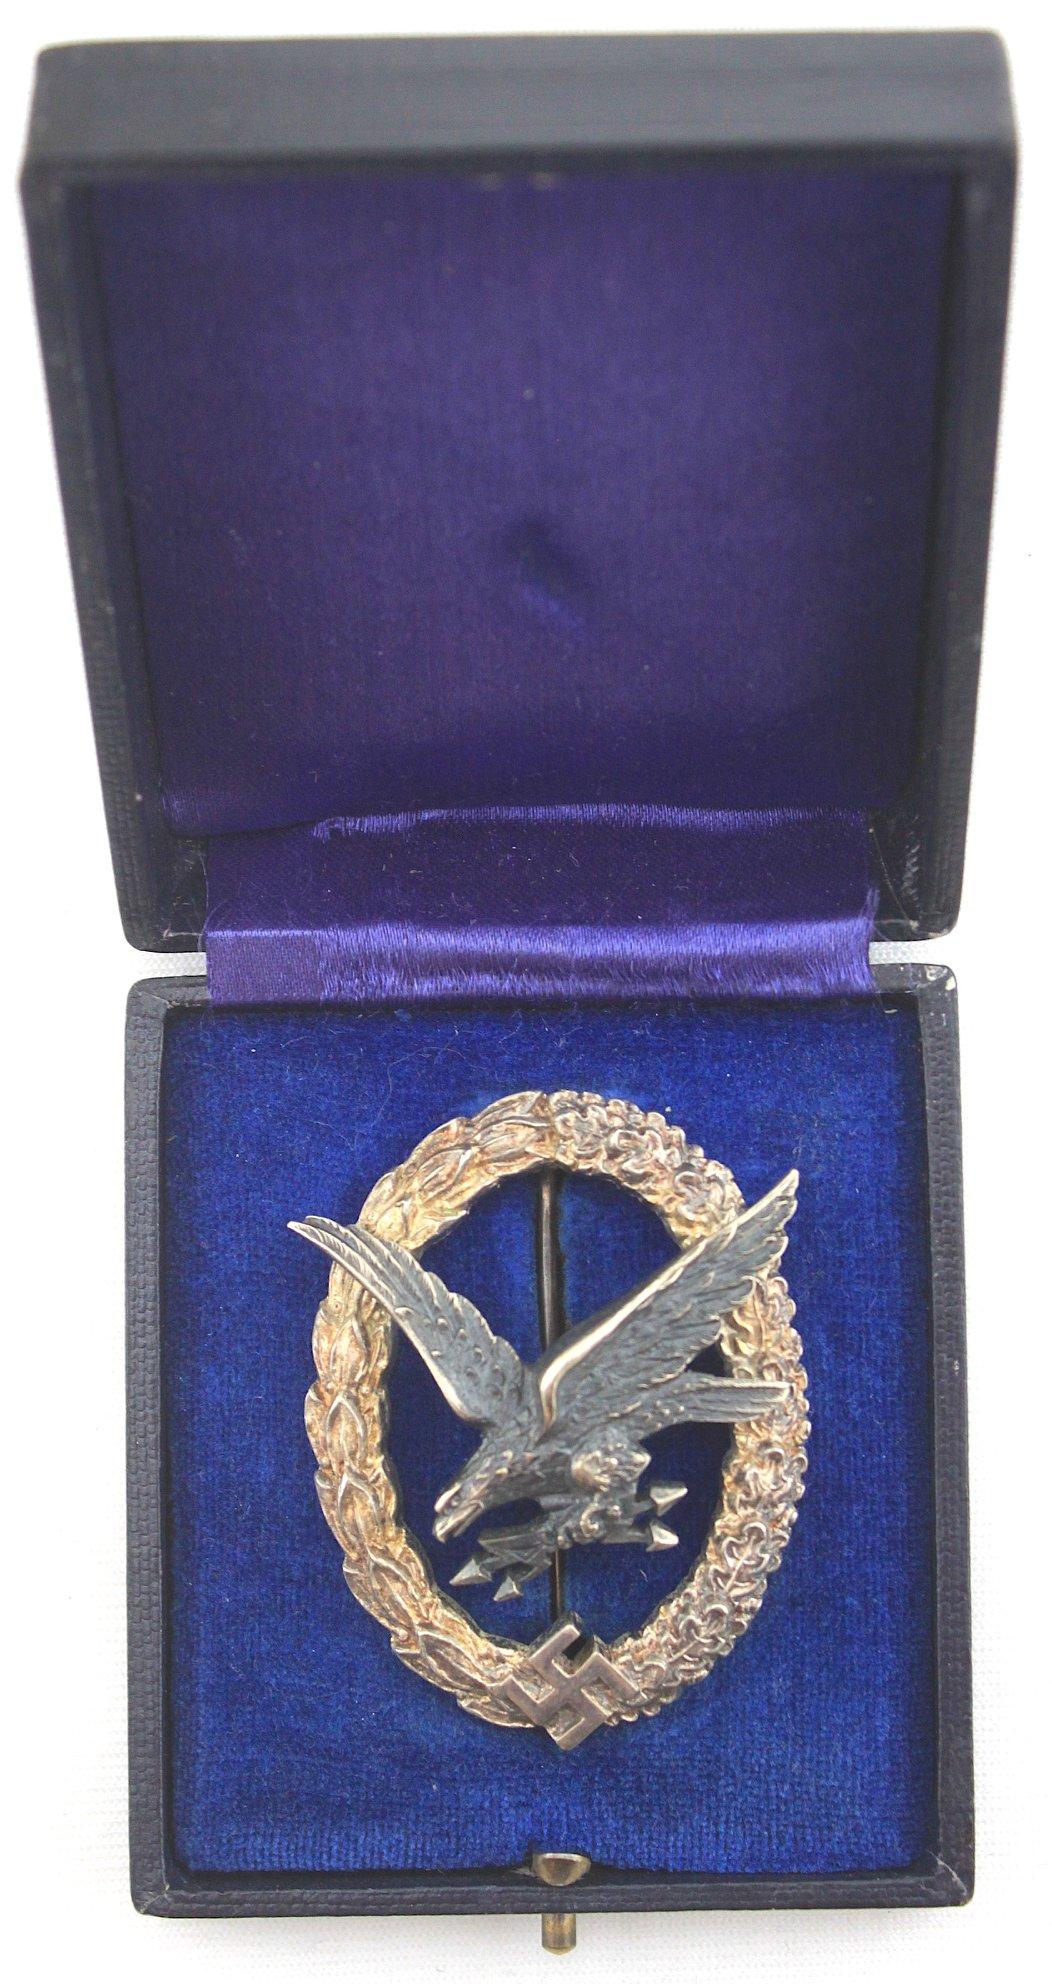 [已售出 SOLD] 盒裝轟炸機無線電/機槍手獎章